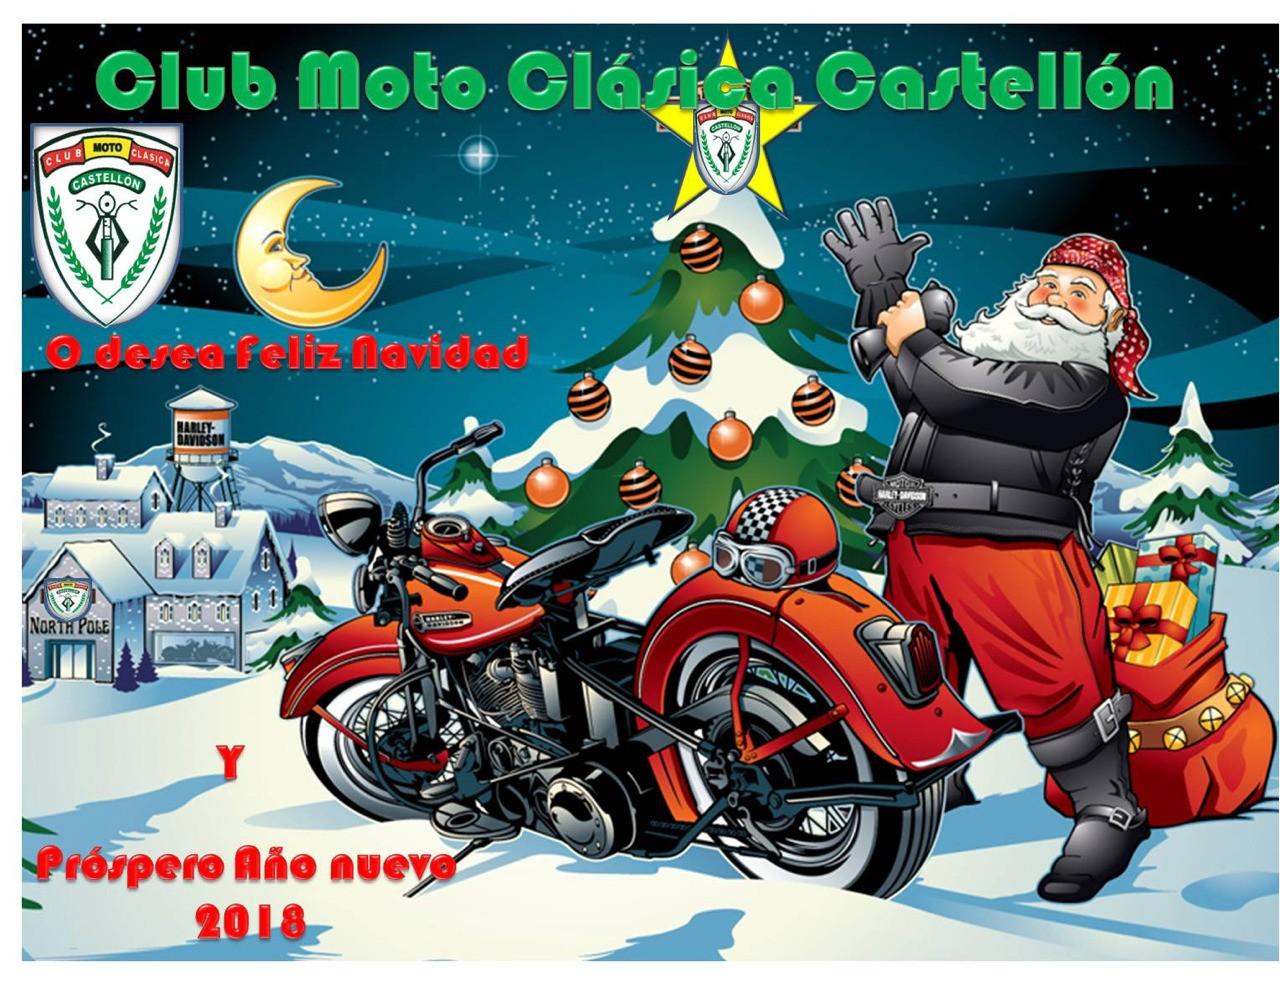 Club Moto Clásica Castellón te desea feliz Navidad y próspero año nuevo 2018